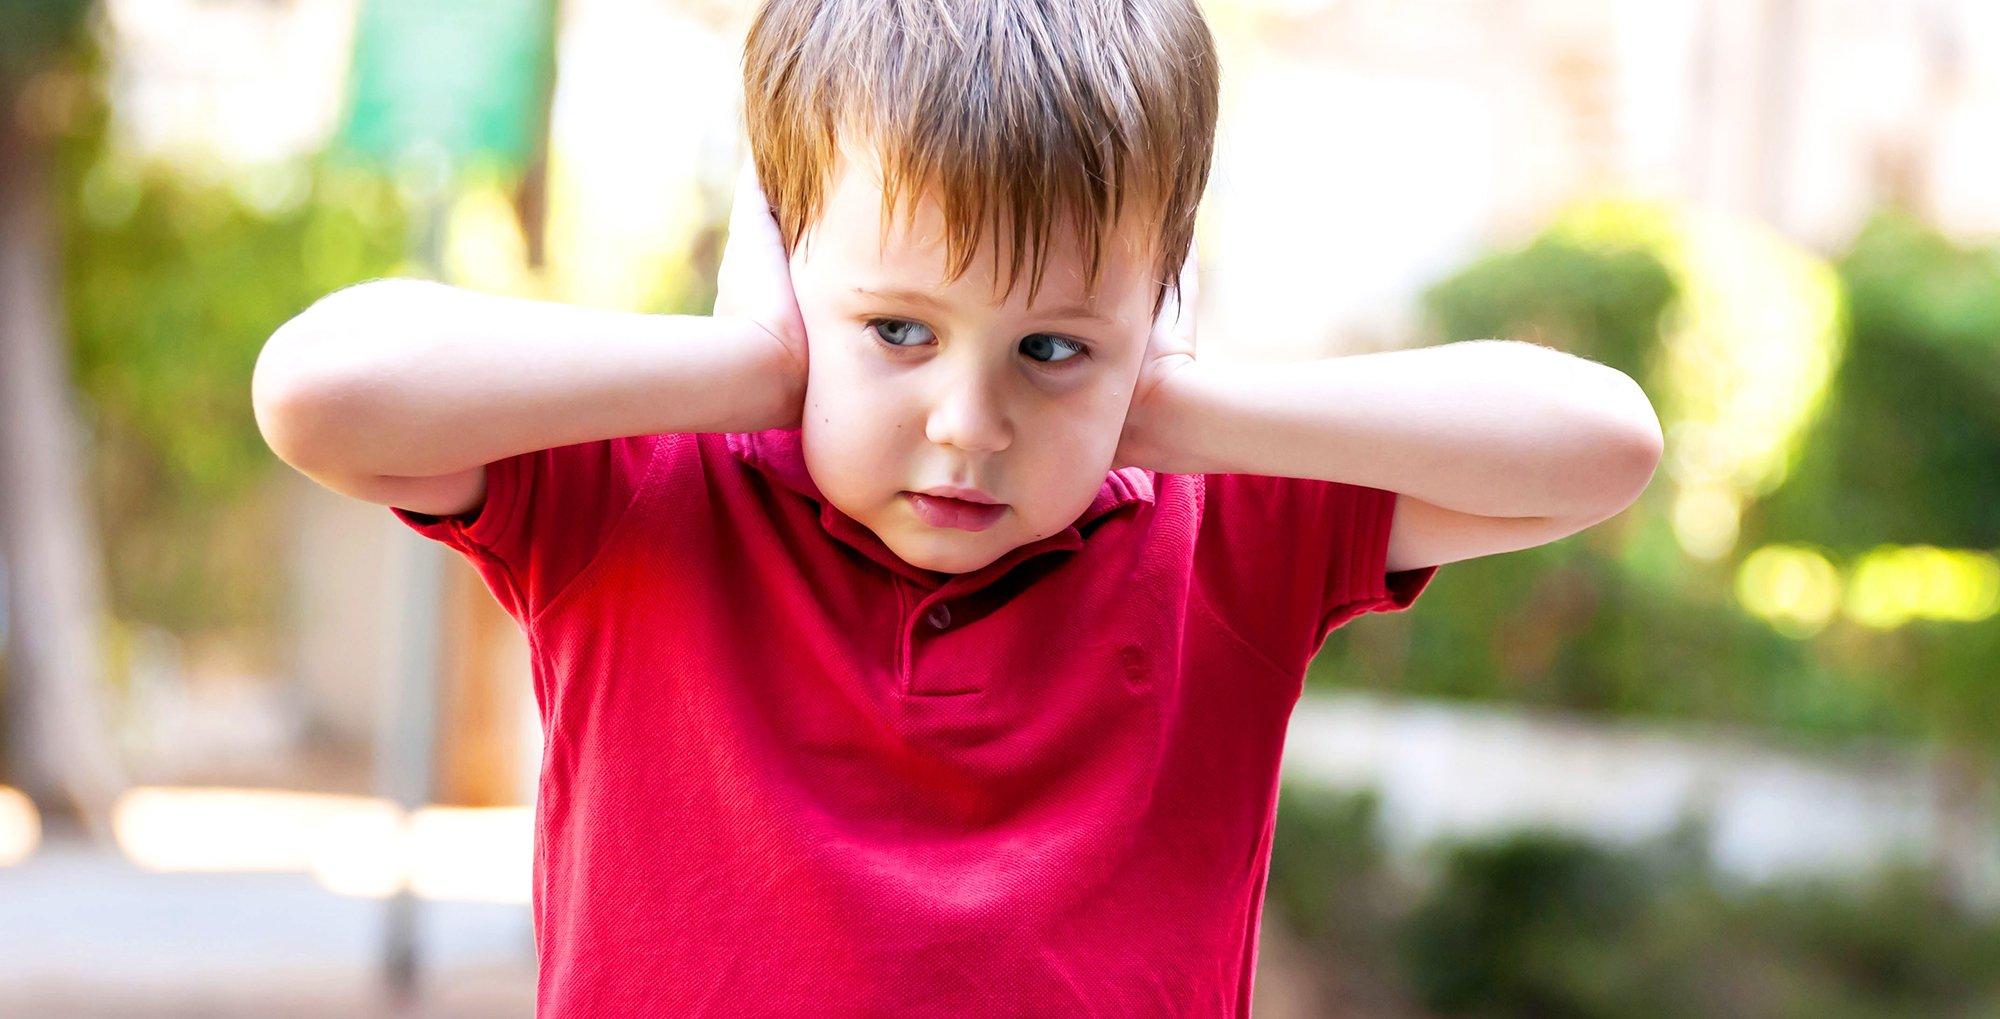 Специалист Ставропольской психбольницы рассказала педагогам-психологам об аутизме